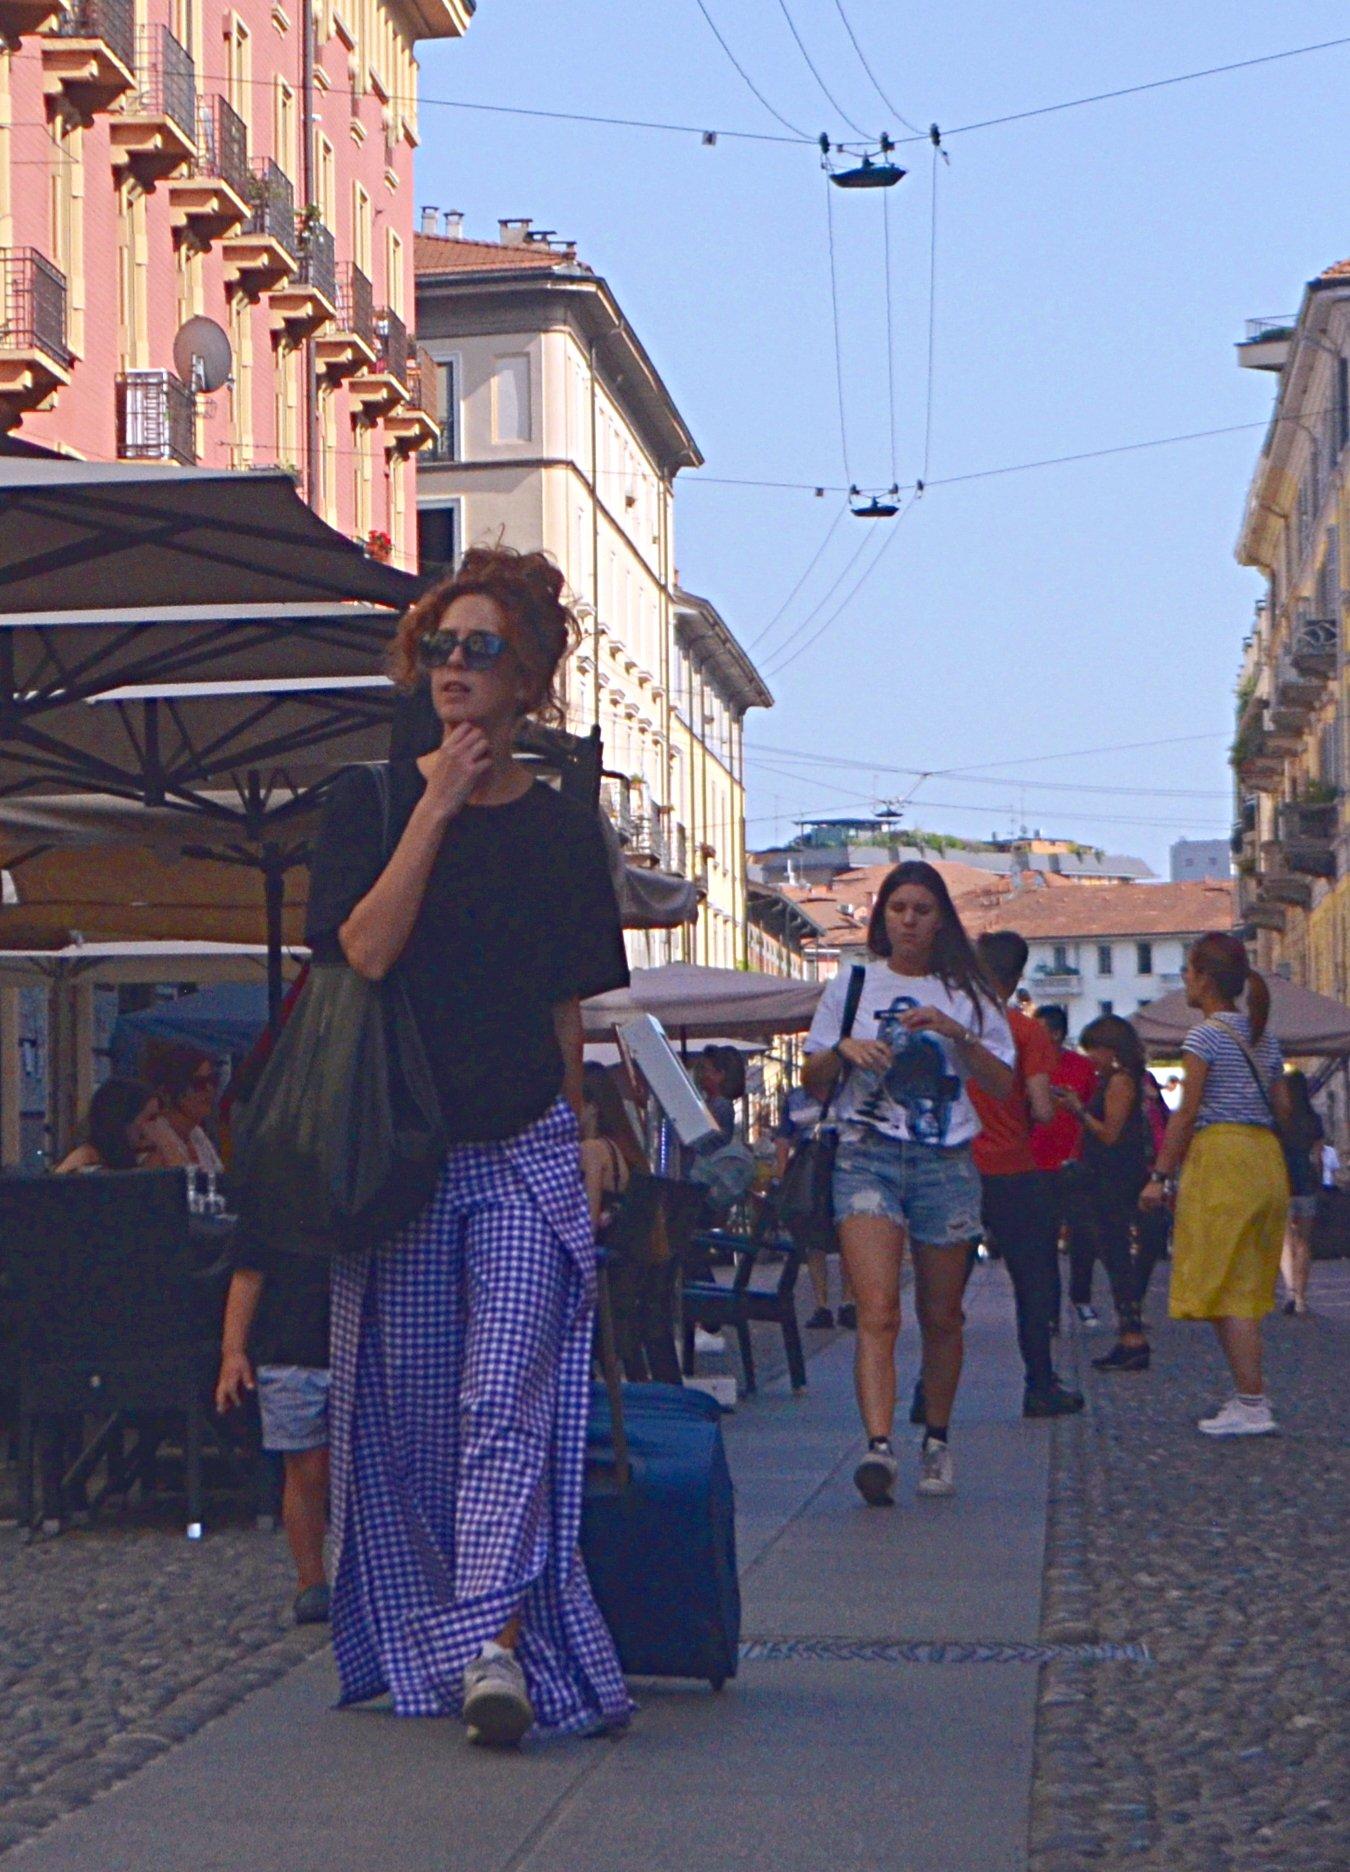 Milano streetstyle elegante e colorata, matura ma alla moda. Amiamo il blu e il bianco e il mantello. Questo è super!